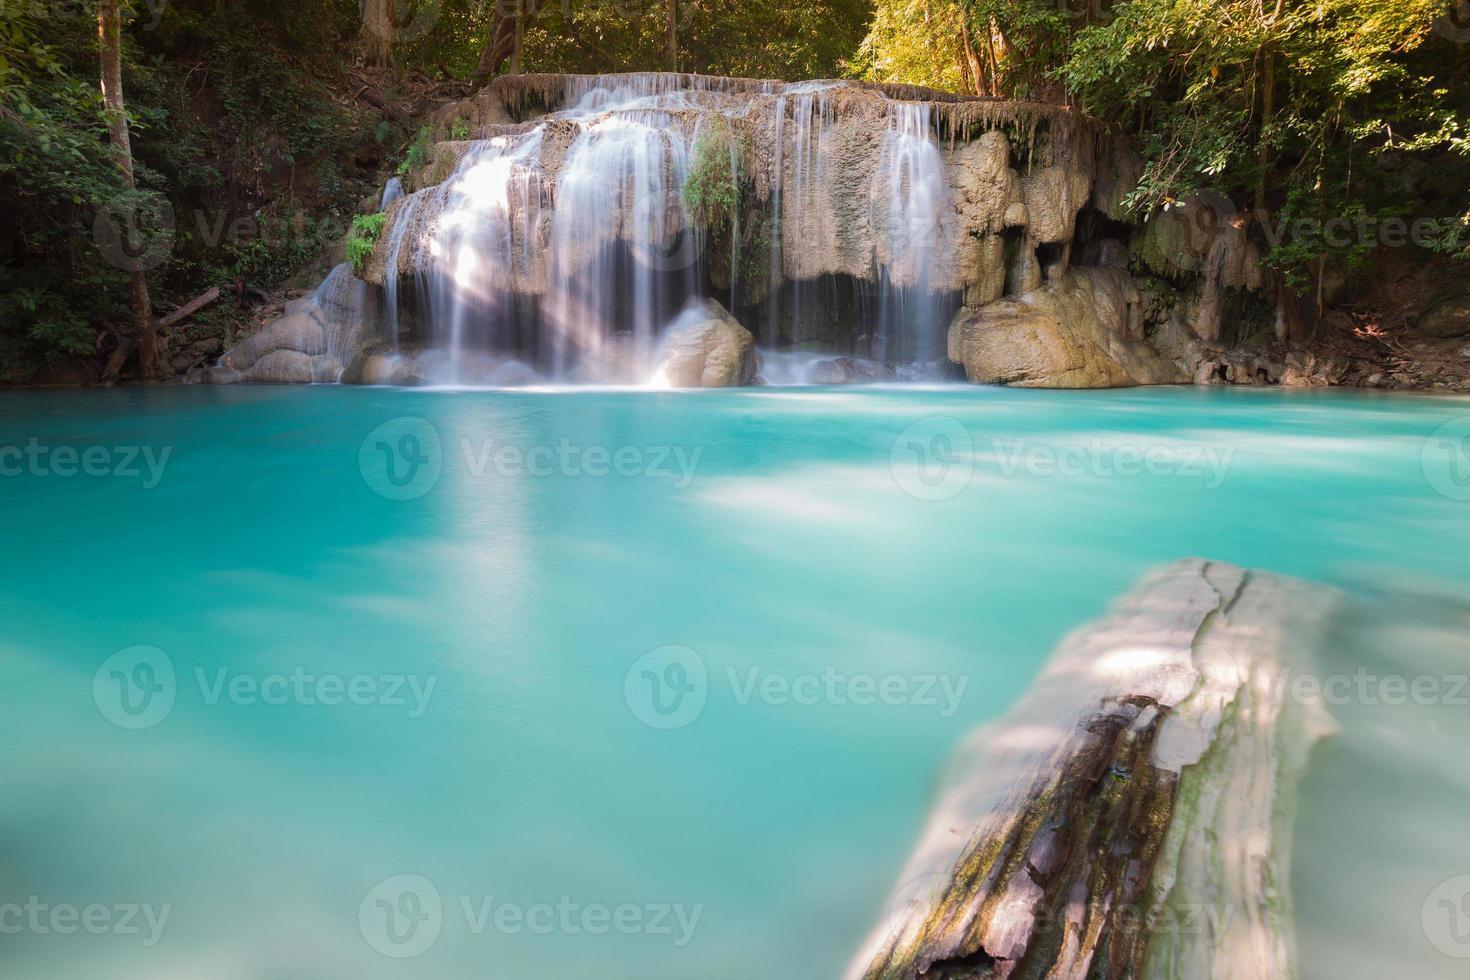 chutes d'eau de flux bleu localiser dans la jungle de la forêt profonde photo